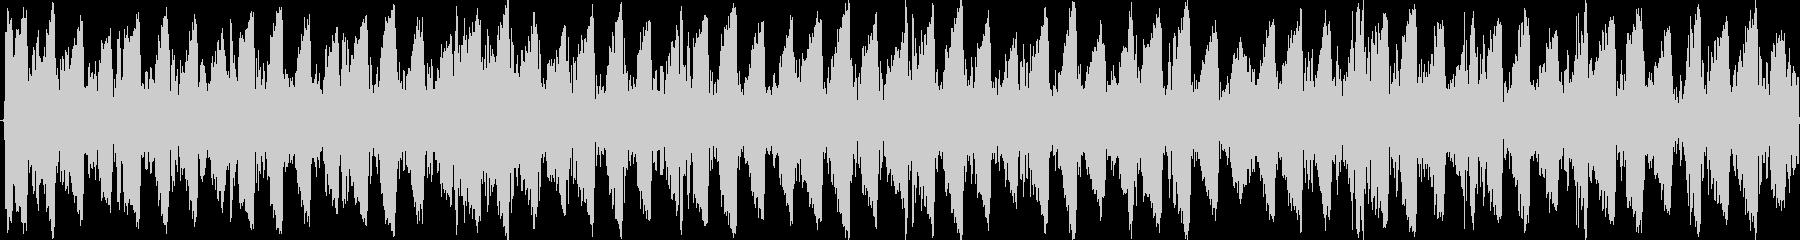 スクラッチが特徴の電子的なテクノの未再生の波形